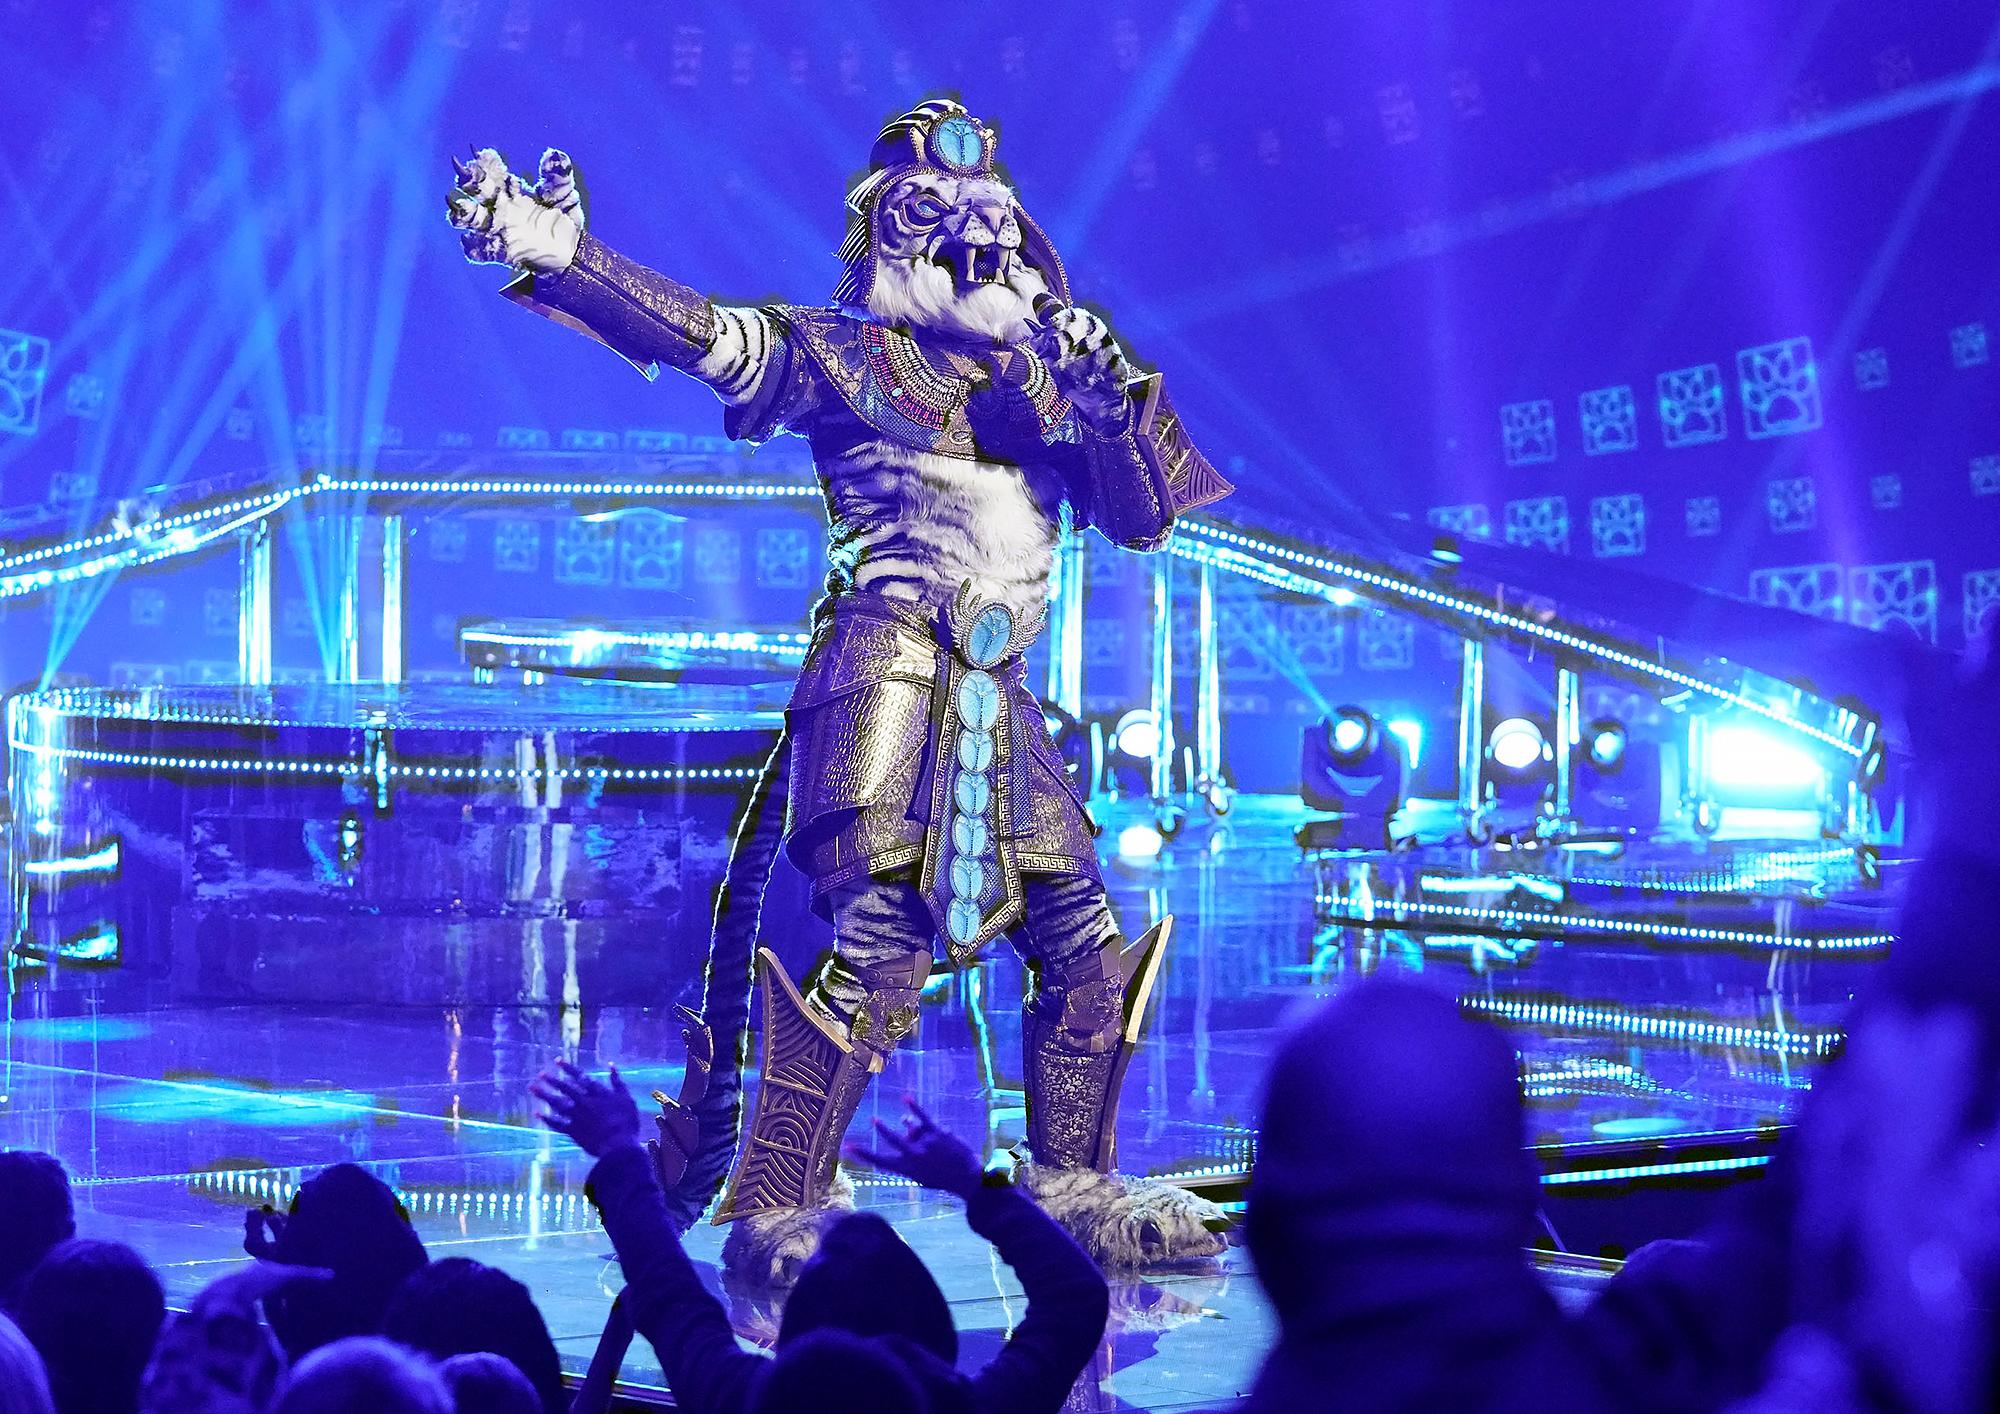 Rob Gronkowski The Masked Singer white tiger